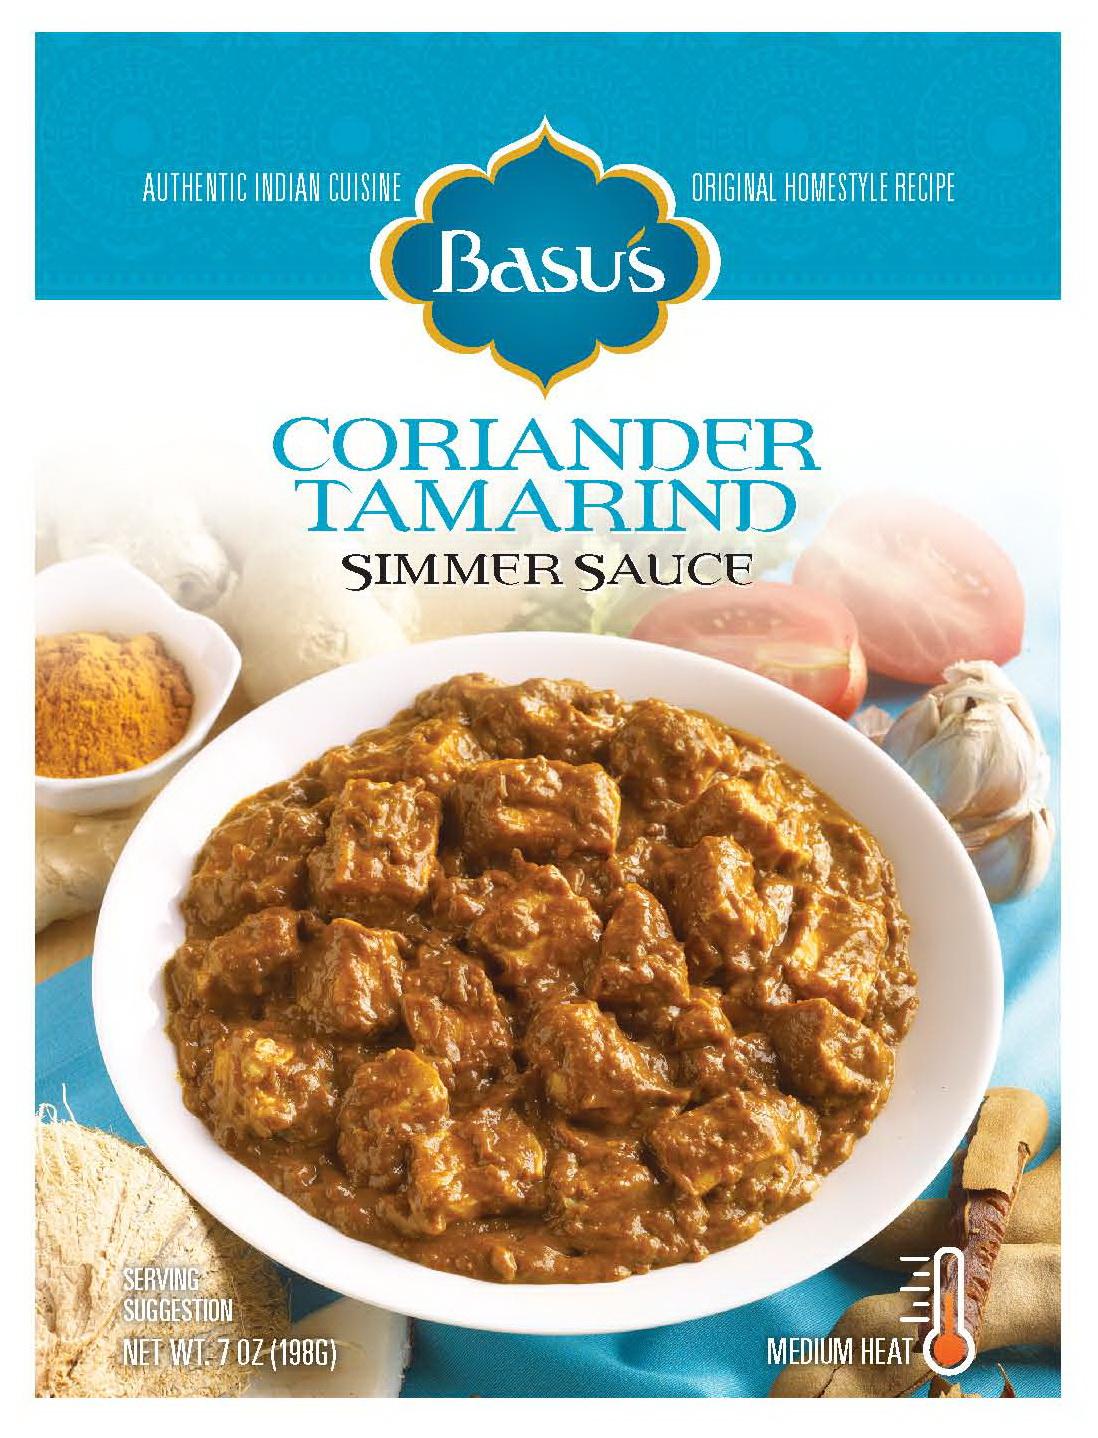 Coriander Tamarind Simmer Sauce